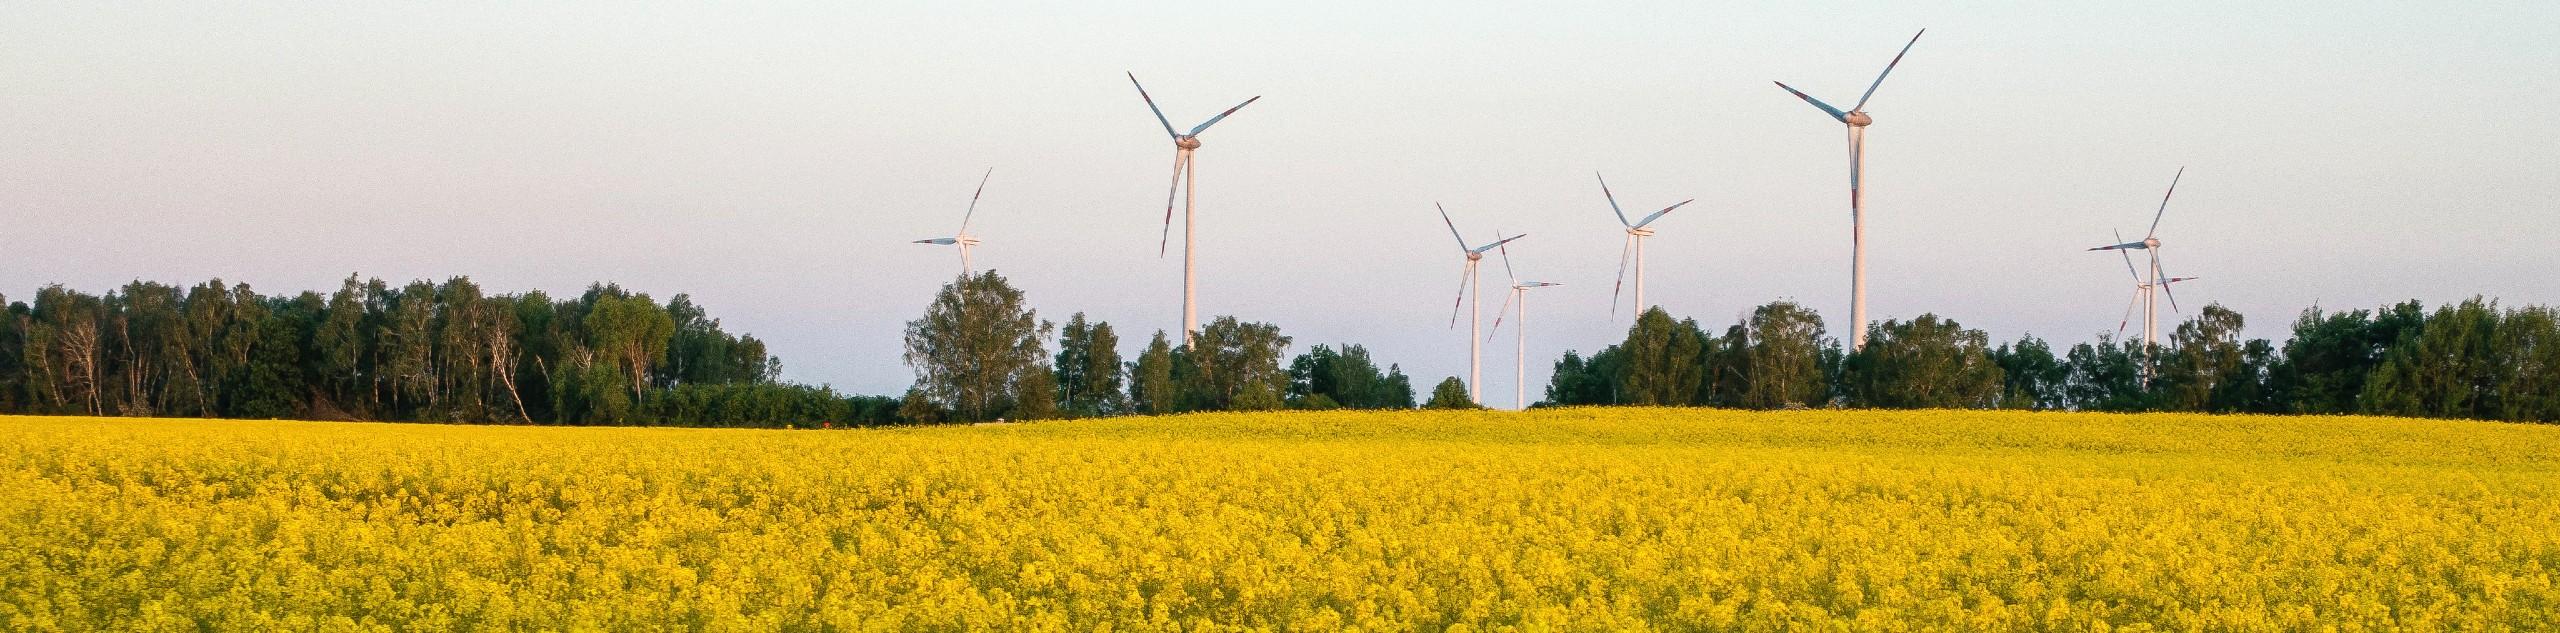 Yellow fields in Brandenburg